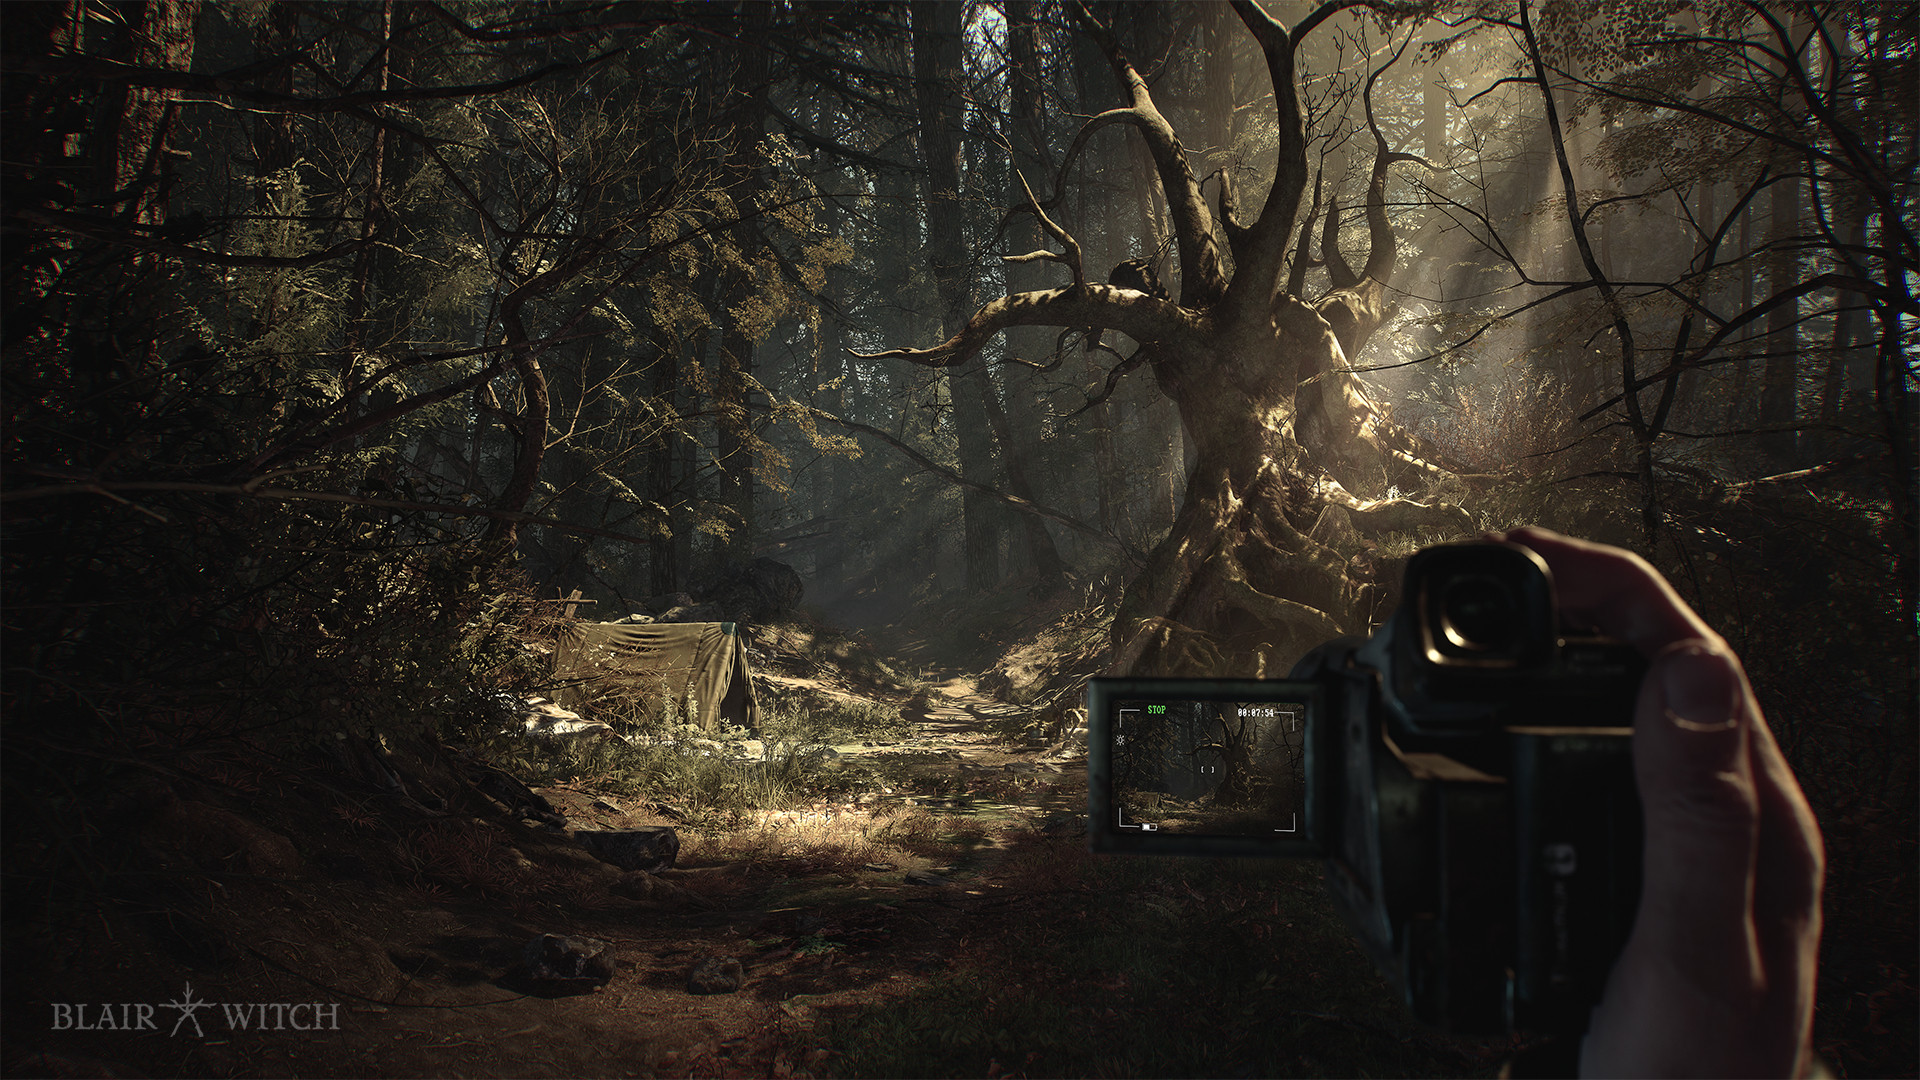 Blair Witch Im Test Der Gruseligste Waldspaziergang Aller Zeiten